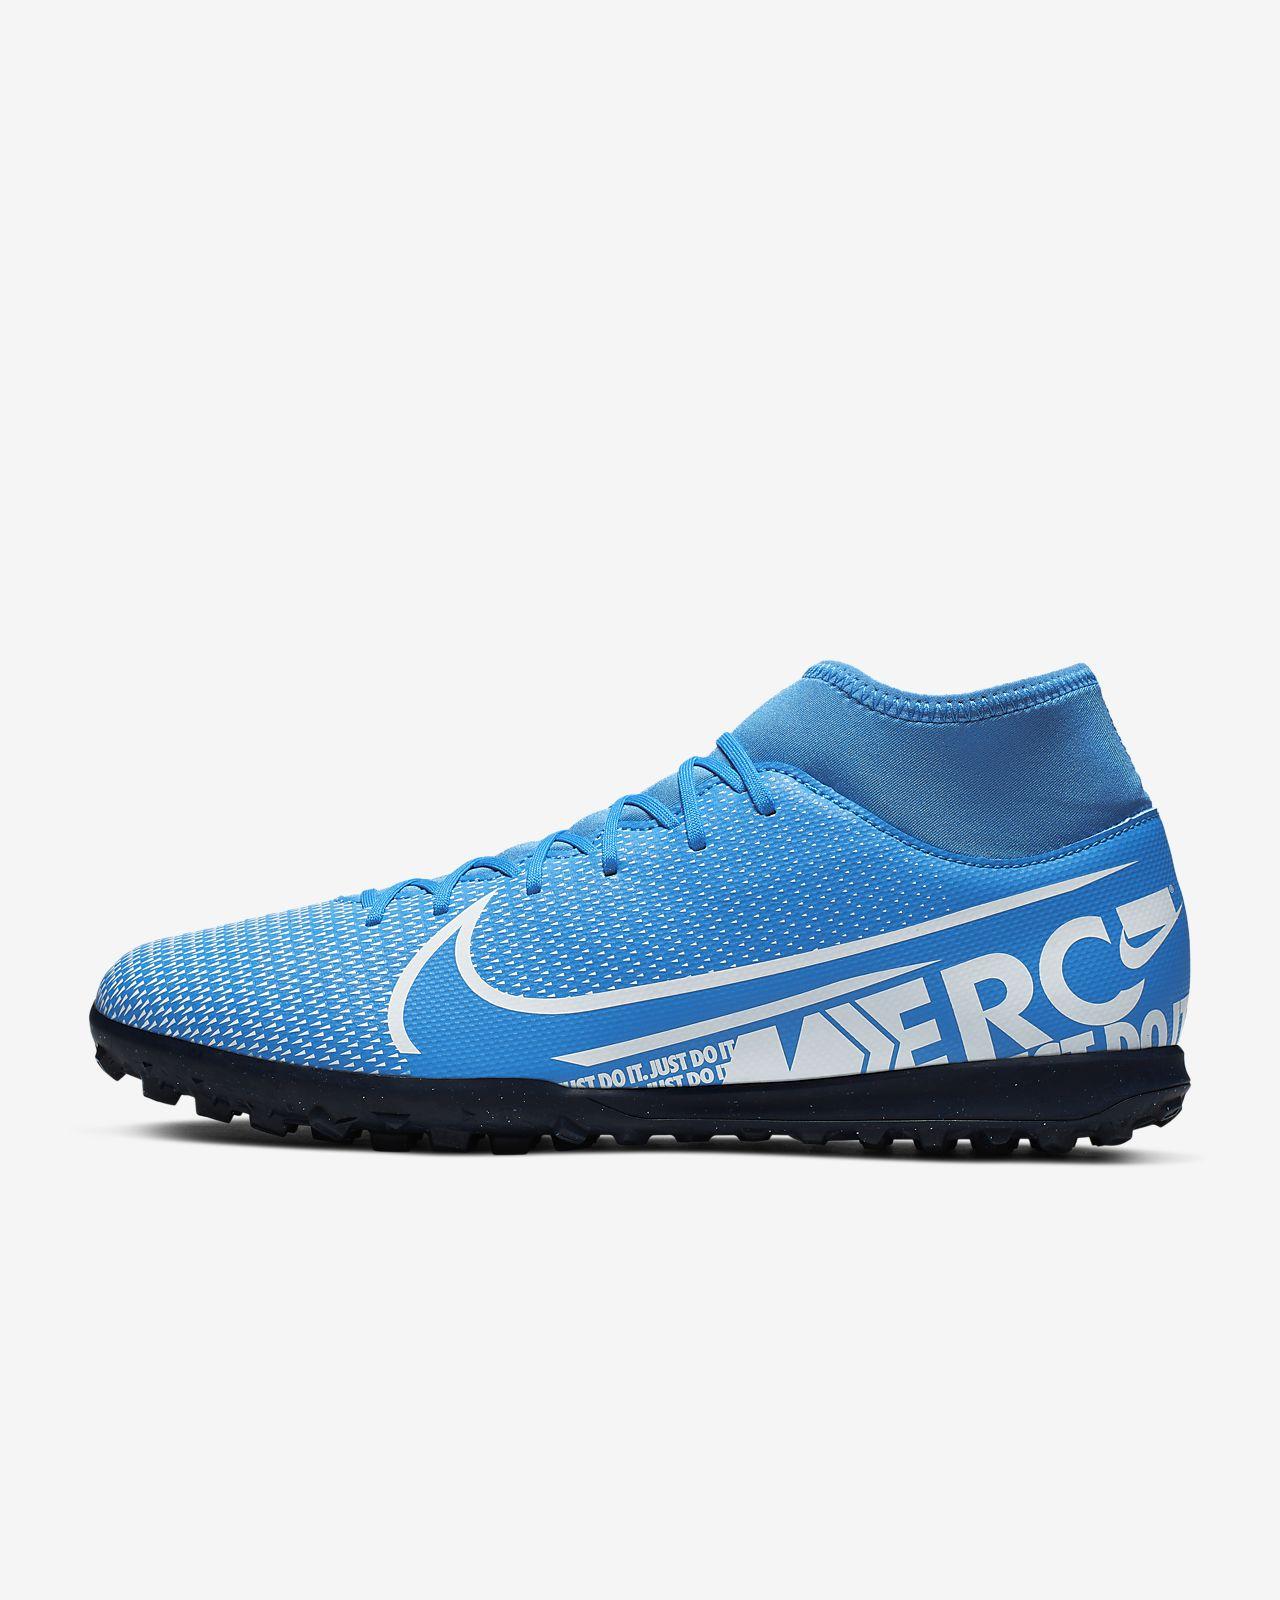 Kopačka Nike Mercurial Superfly 7 Club TF na umělý povrch